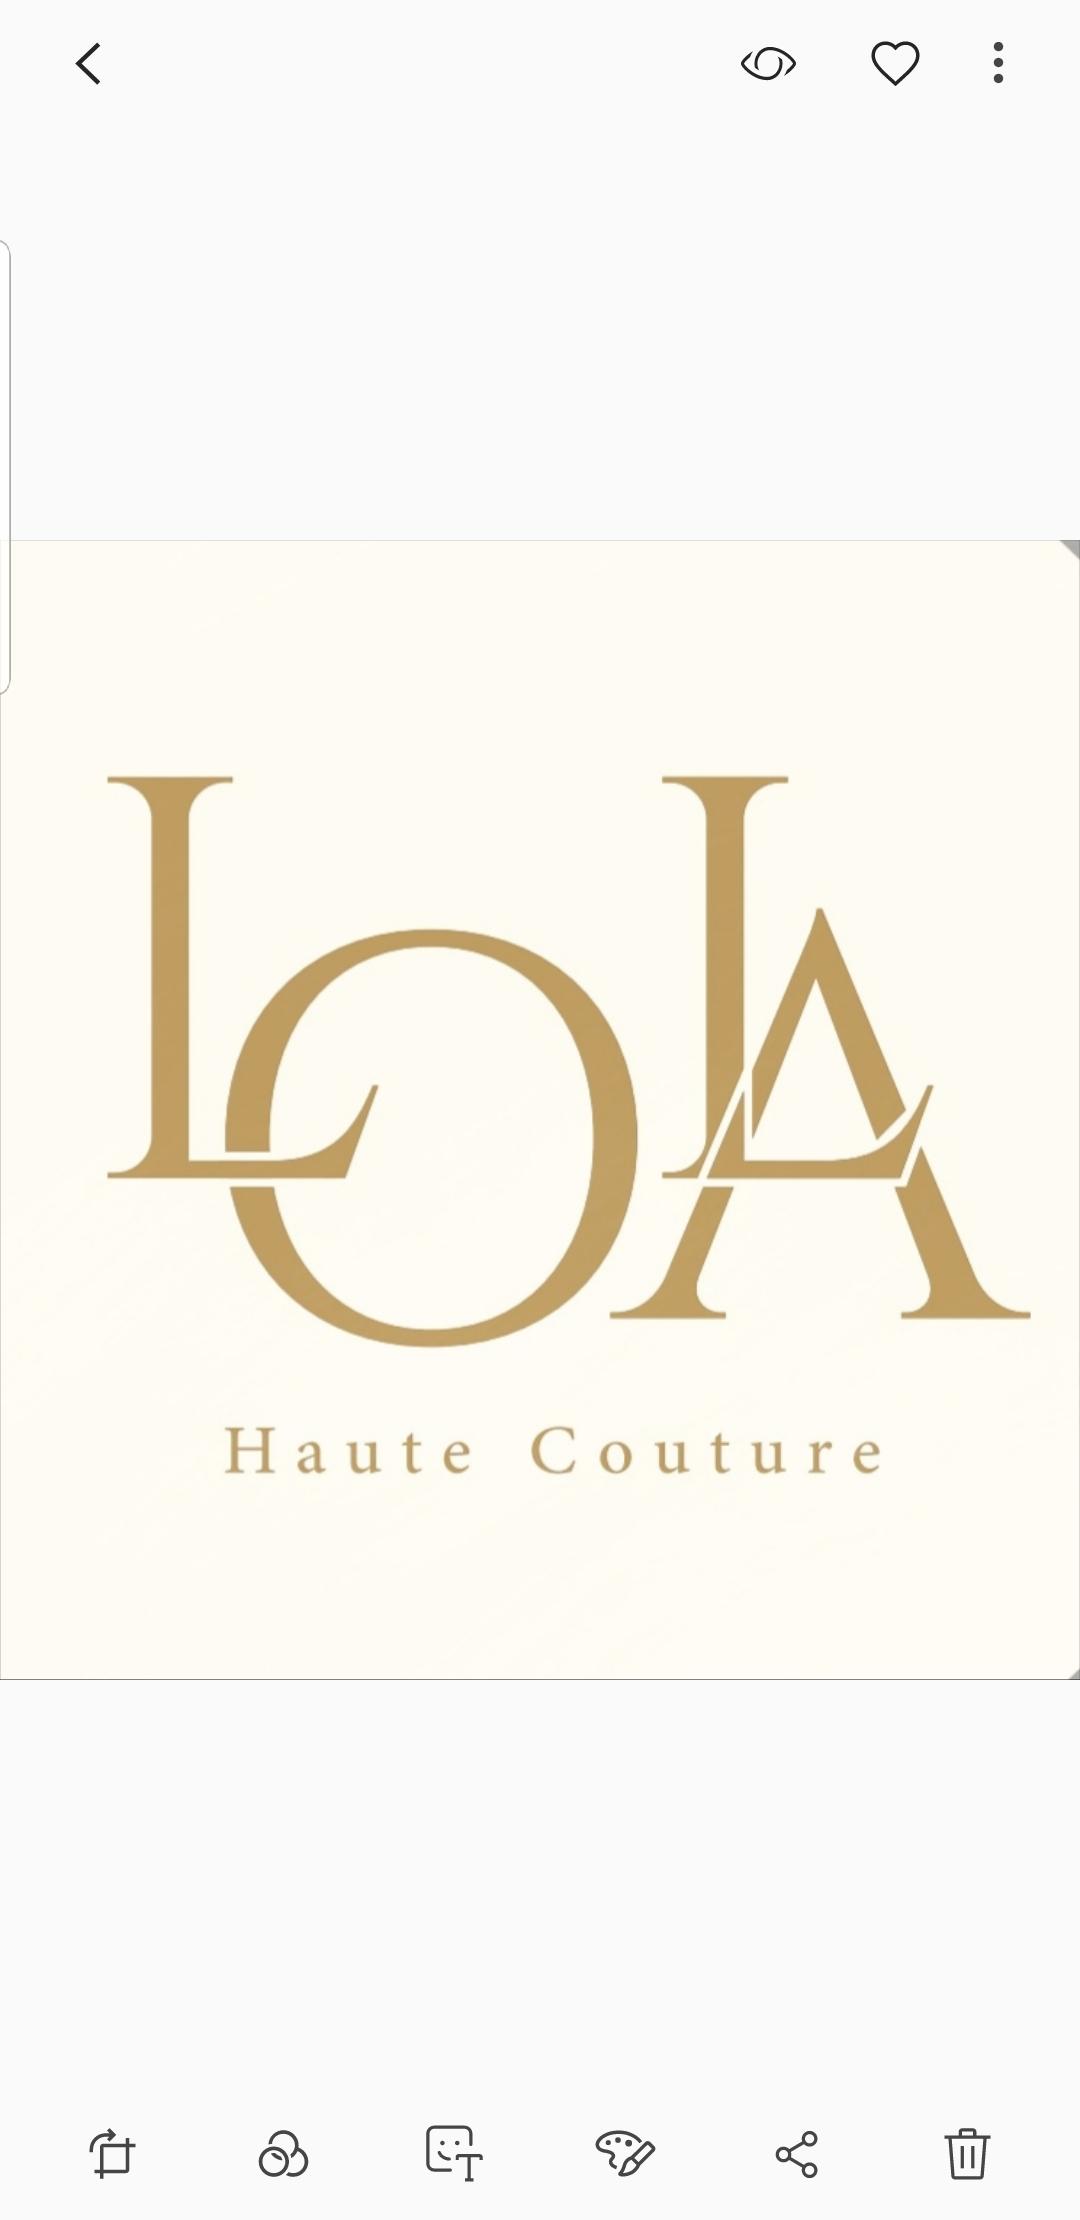 Lolahaute couture